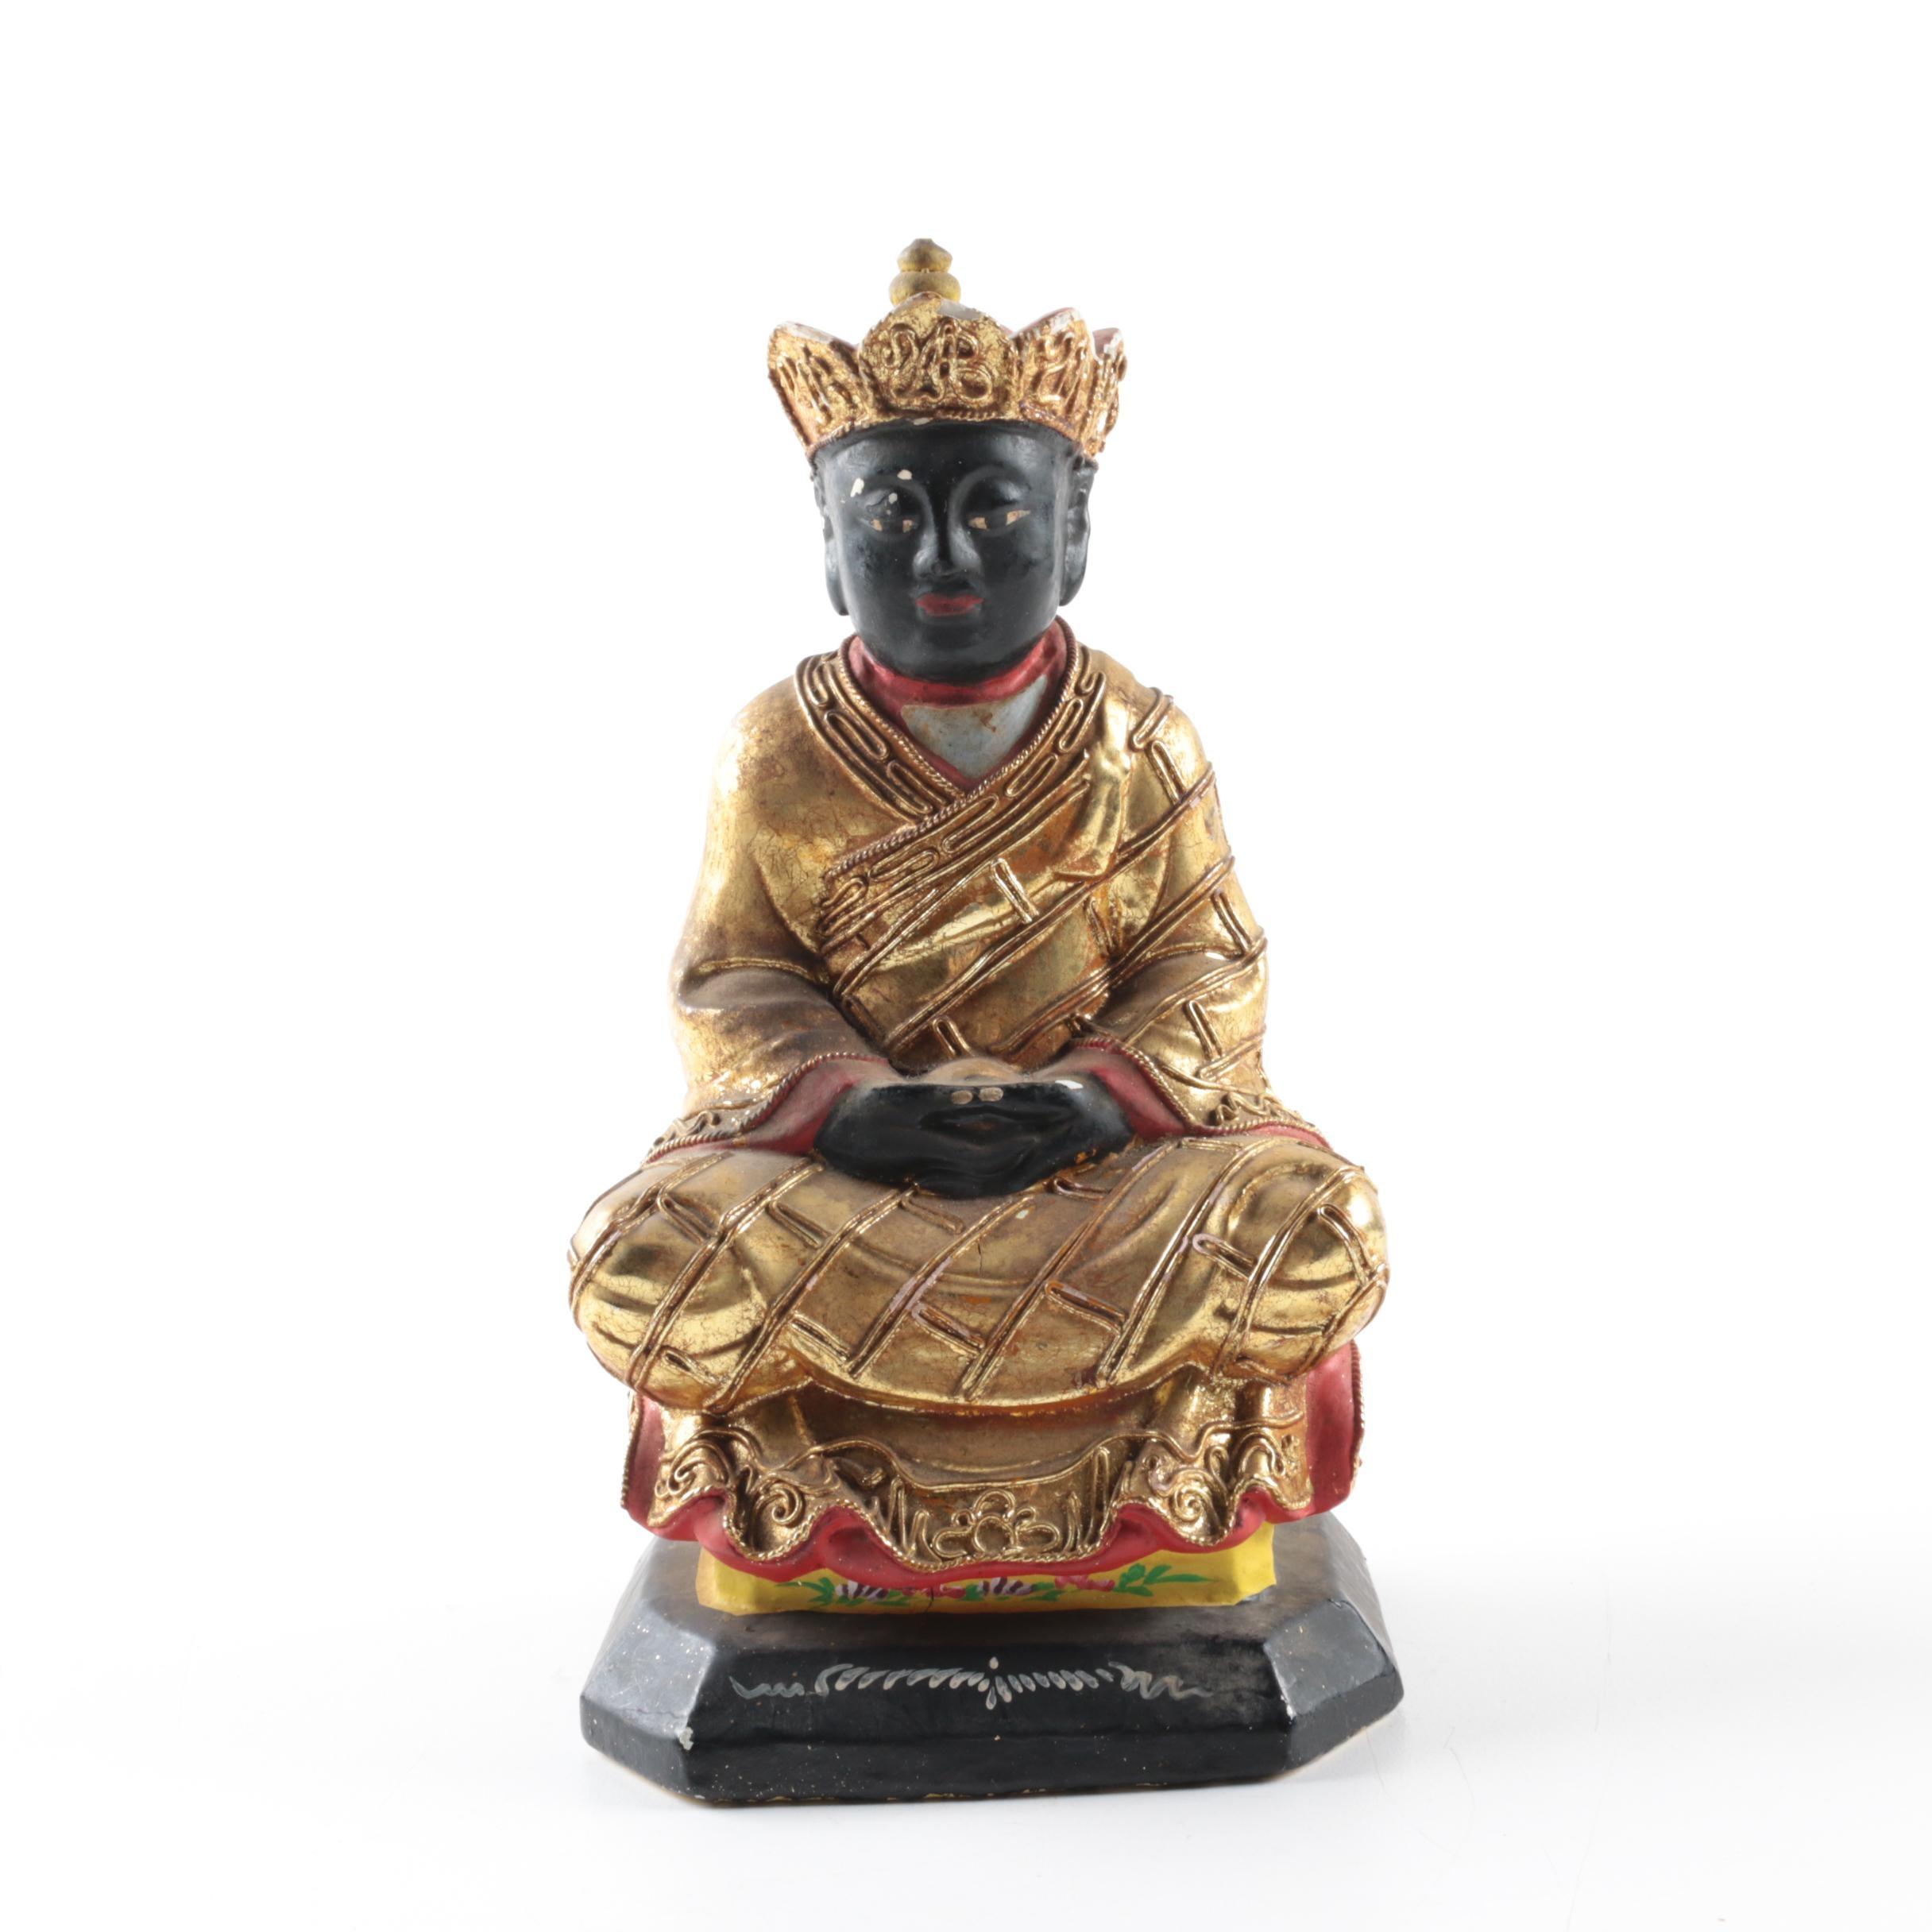 Sino-Tibetan Hand-Painted Wooden Sculpture